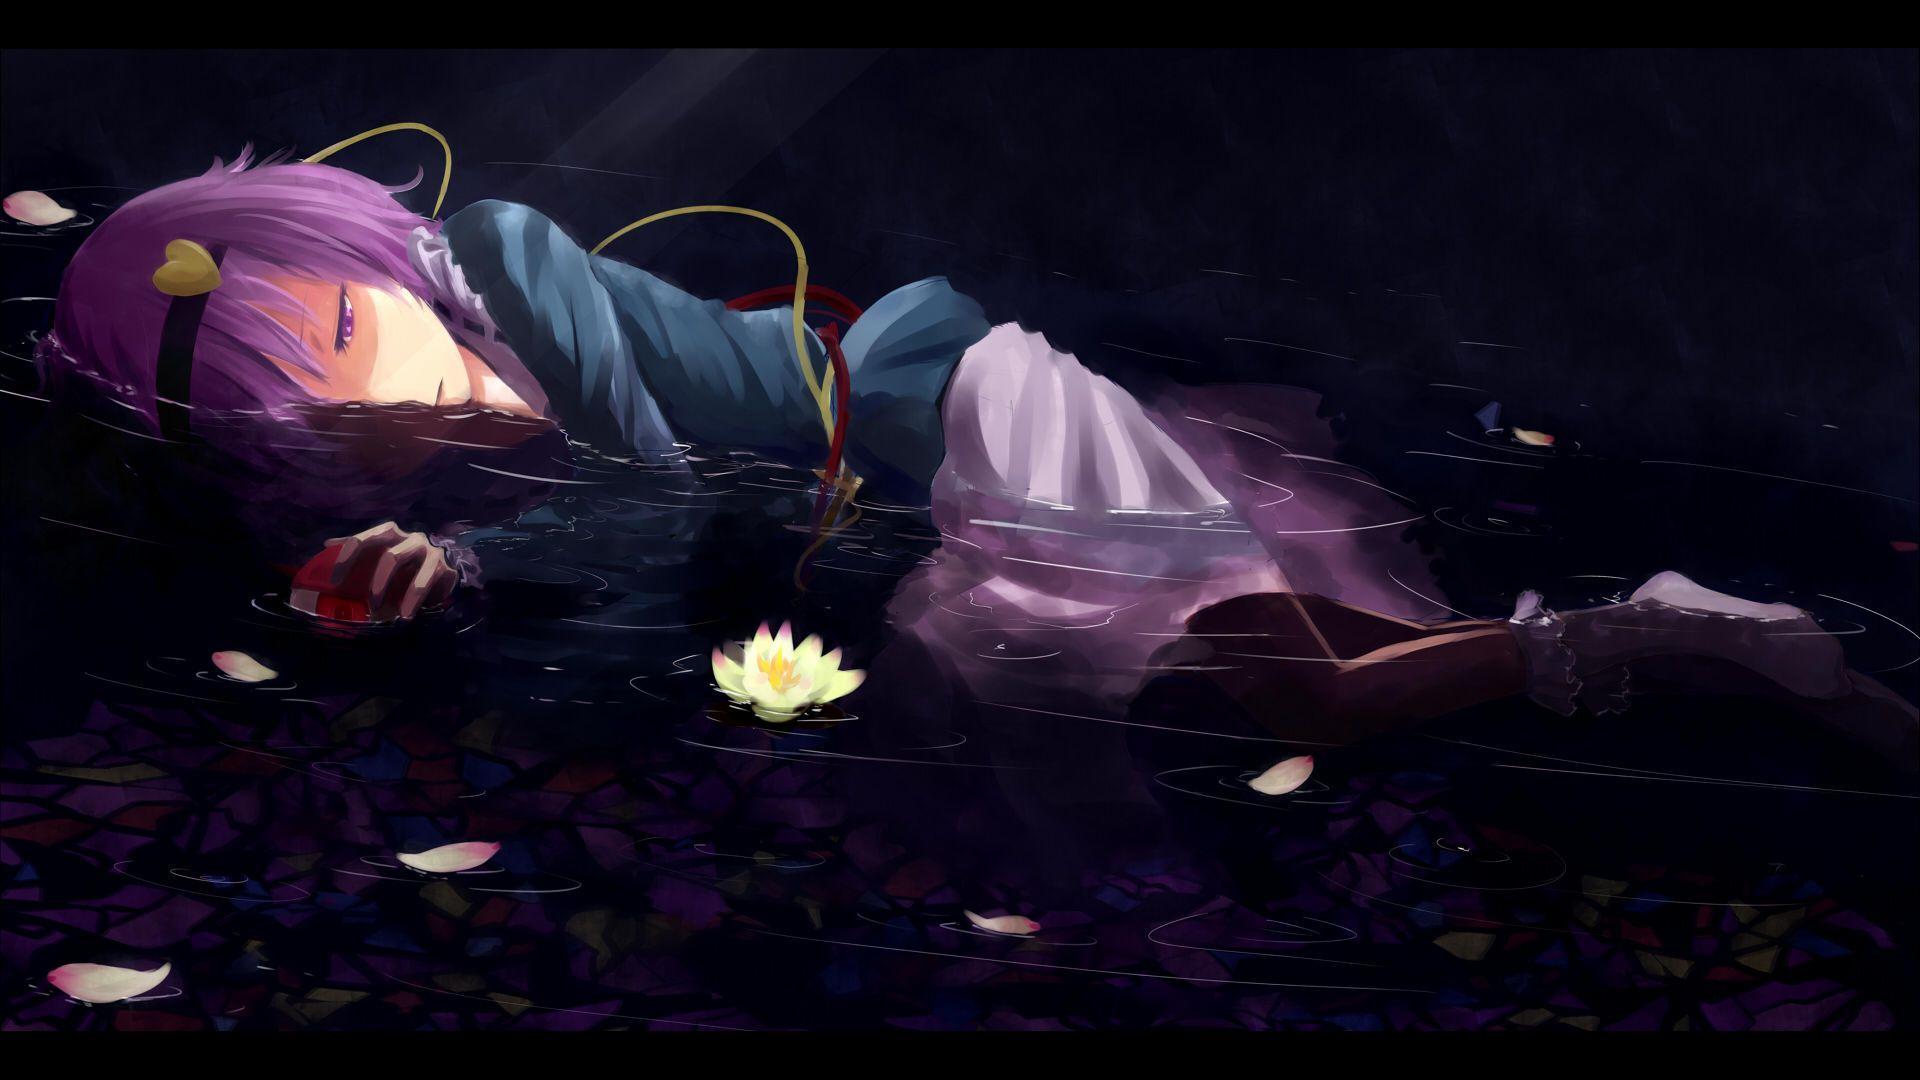 Ảnh nền anime cô đơn buồn